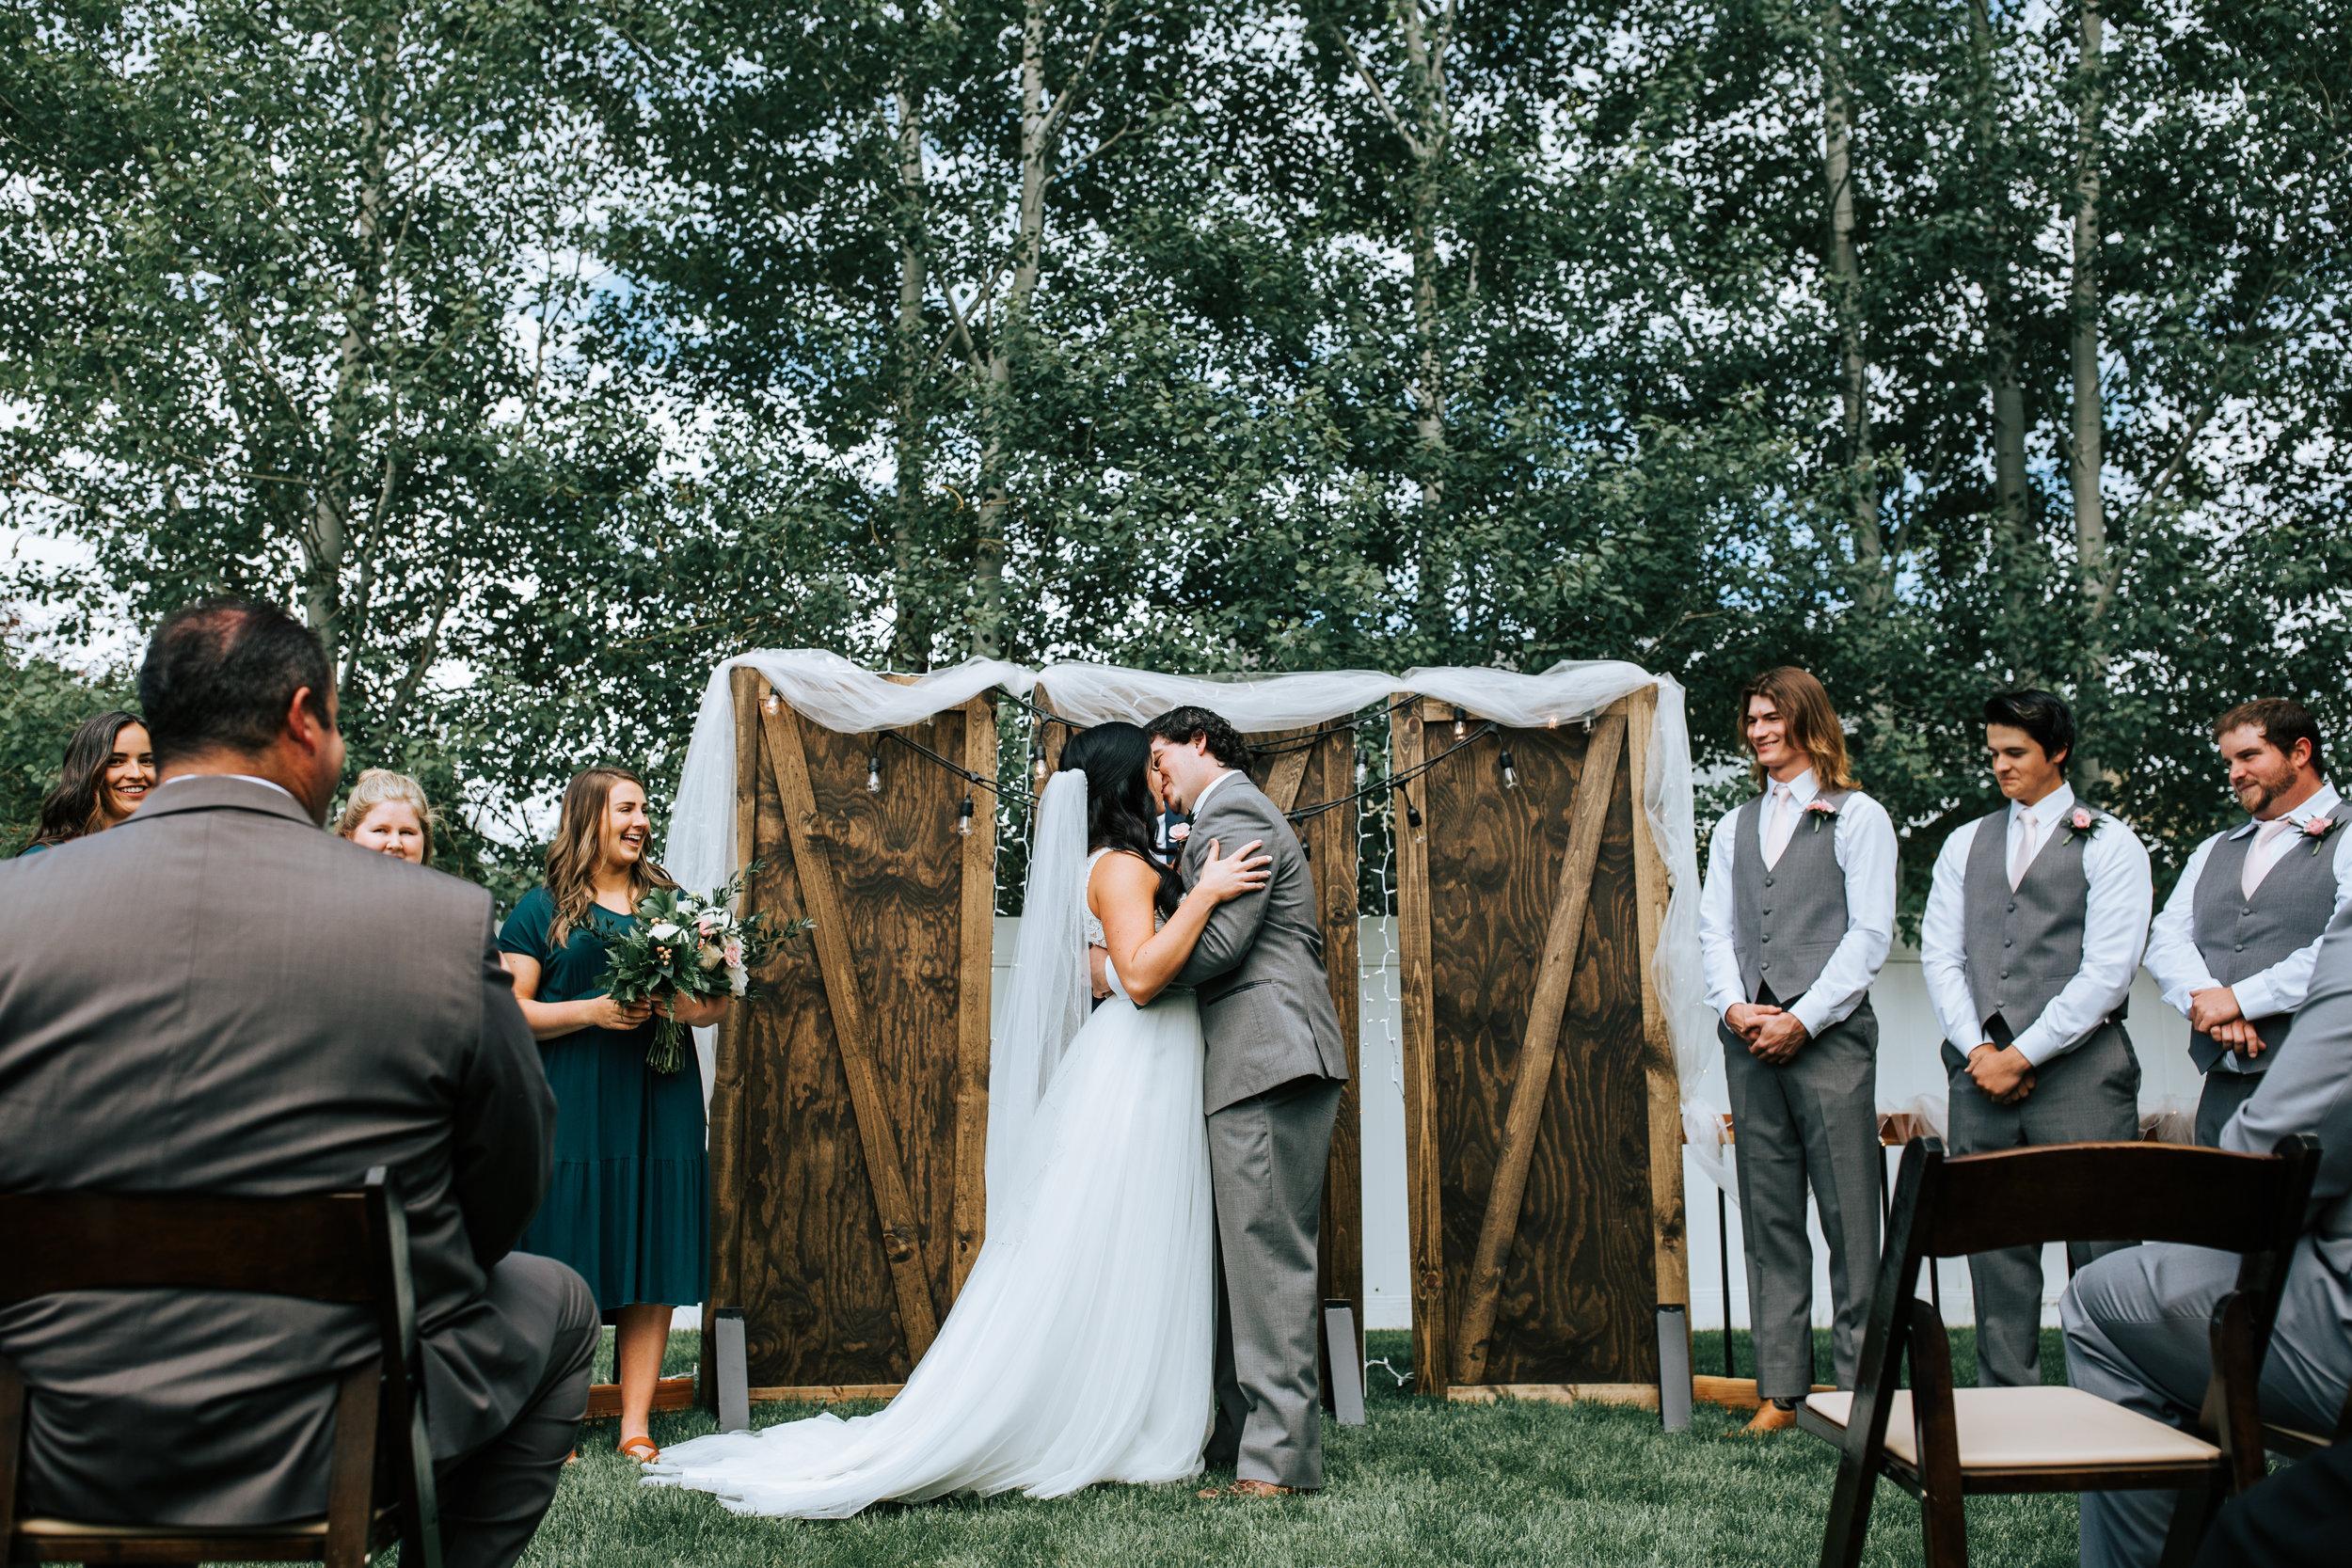 Utah backyard wedding trees wood backdrop